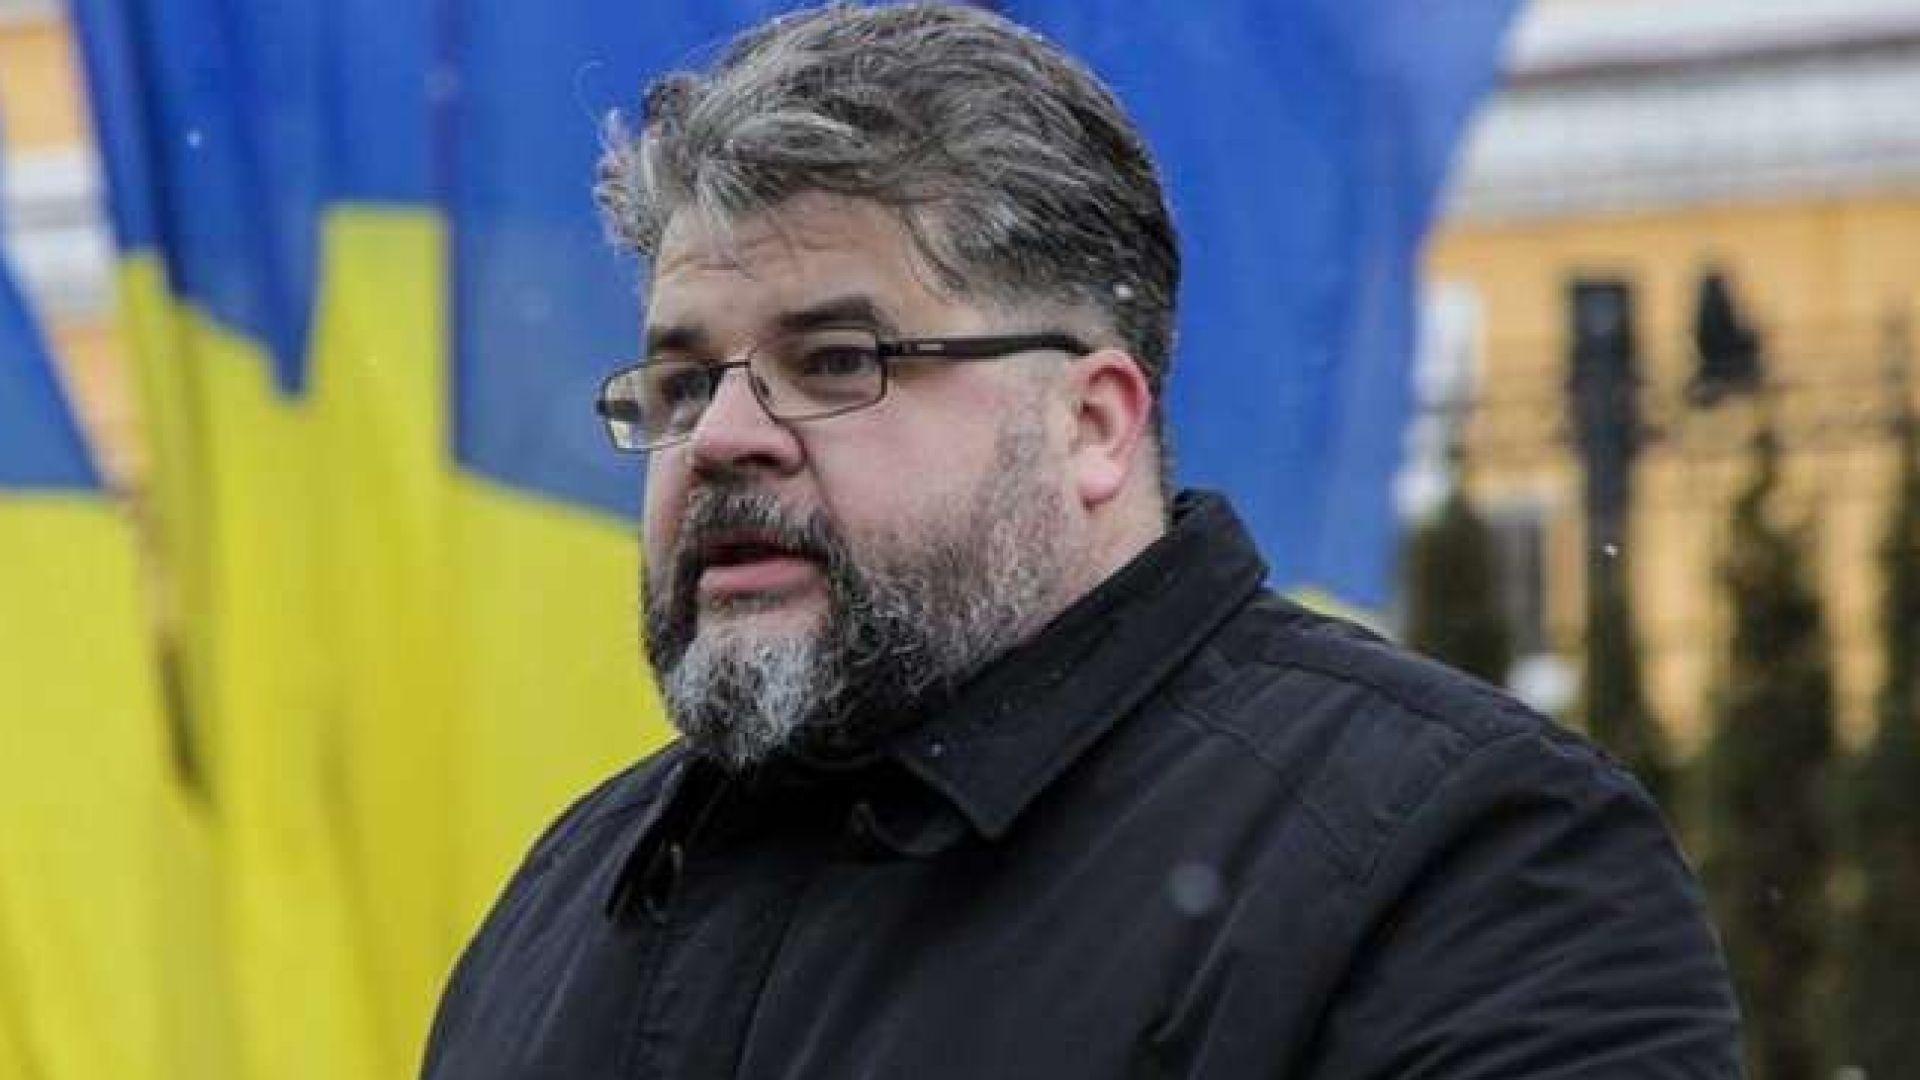 Украинският депутат, забъркан в секс скандал, напусна ръководен пост